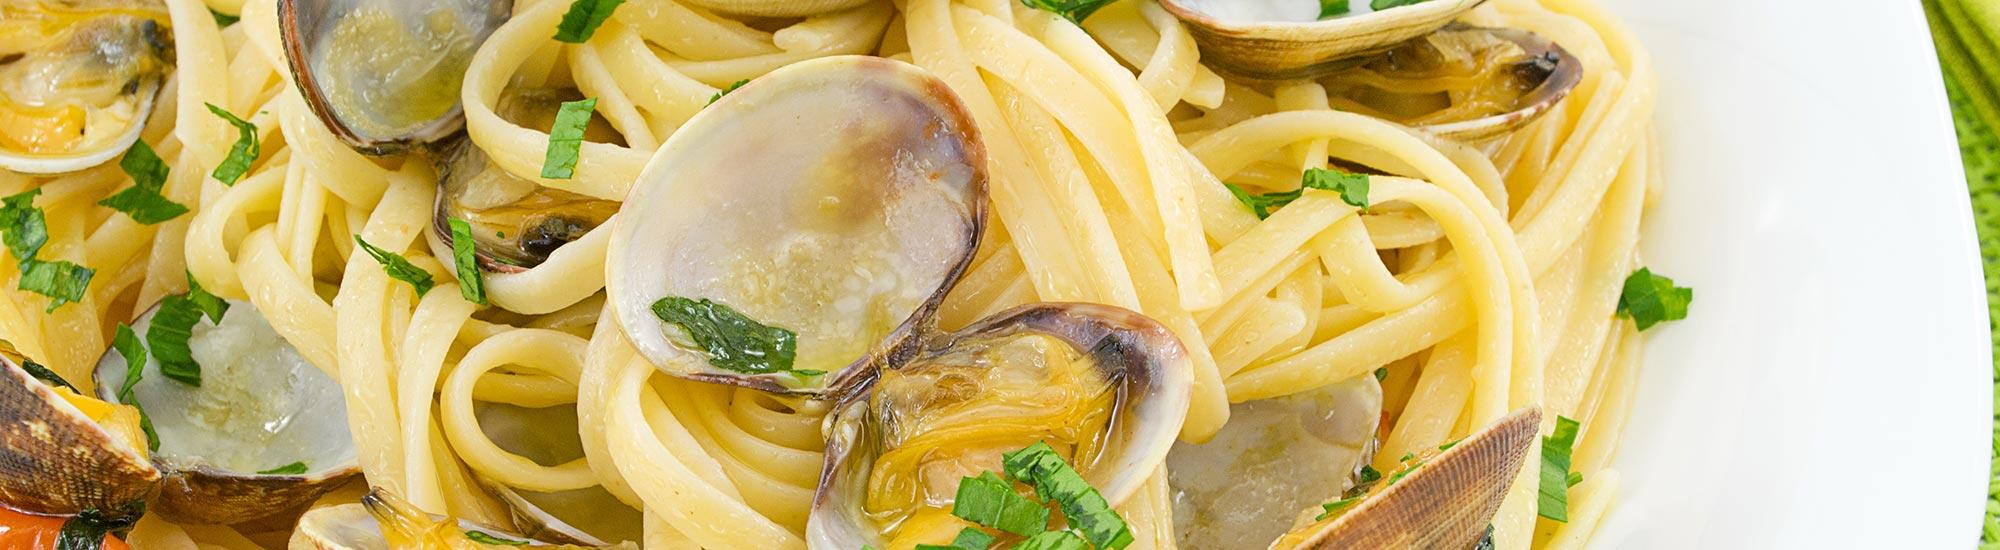 ricetta Tagliolini alle vongole veraci con pasta fresca